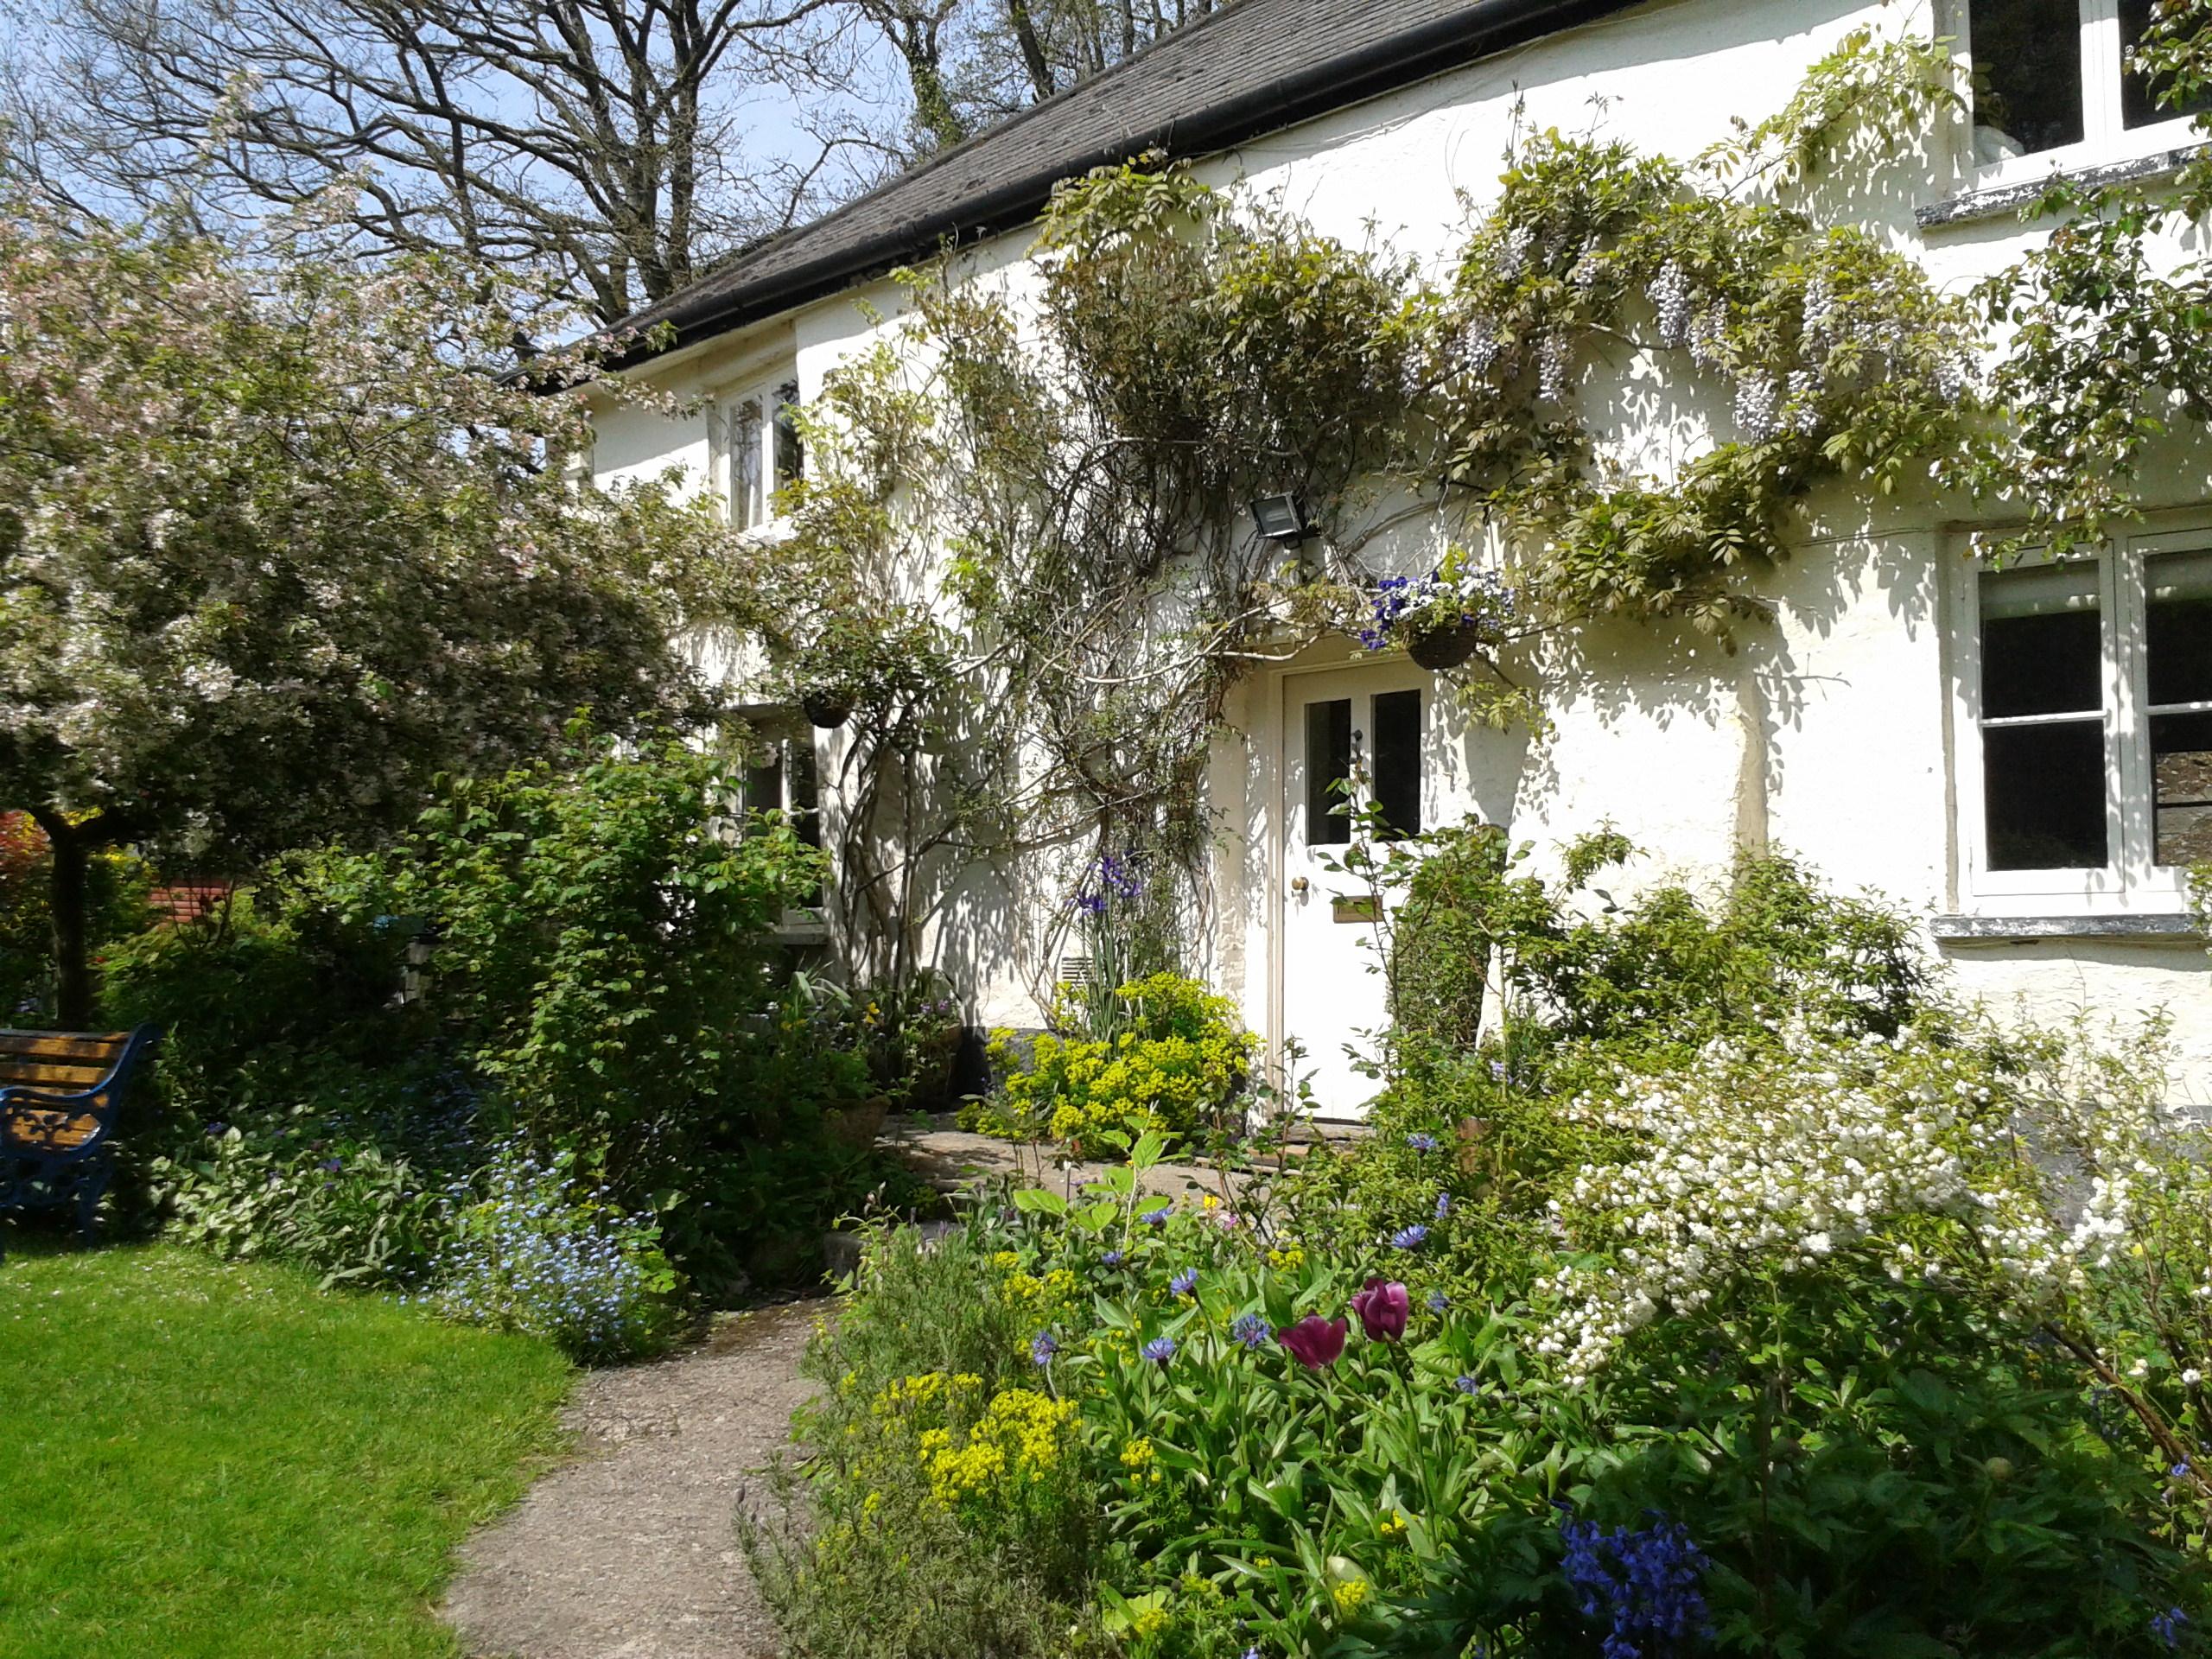 tracebridge cottage